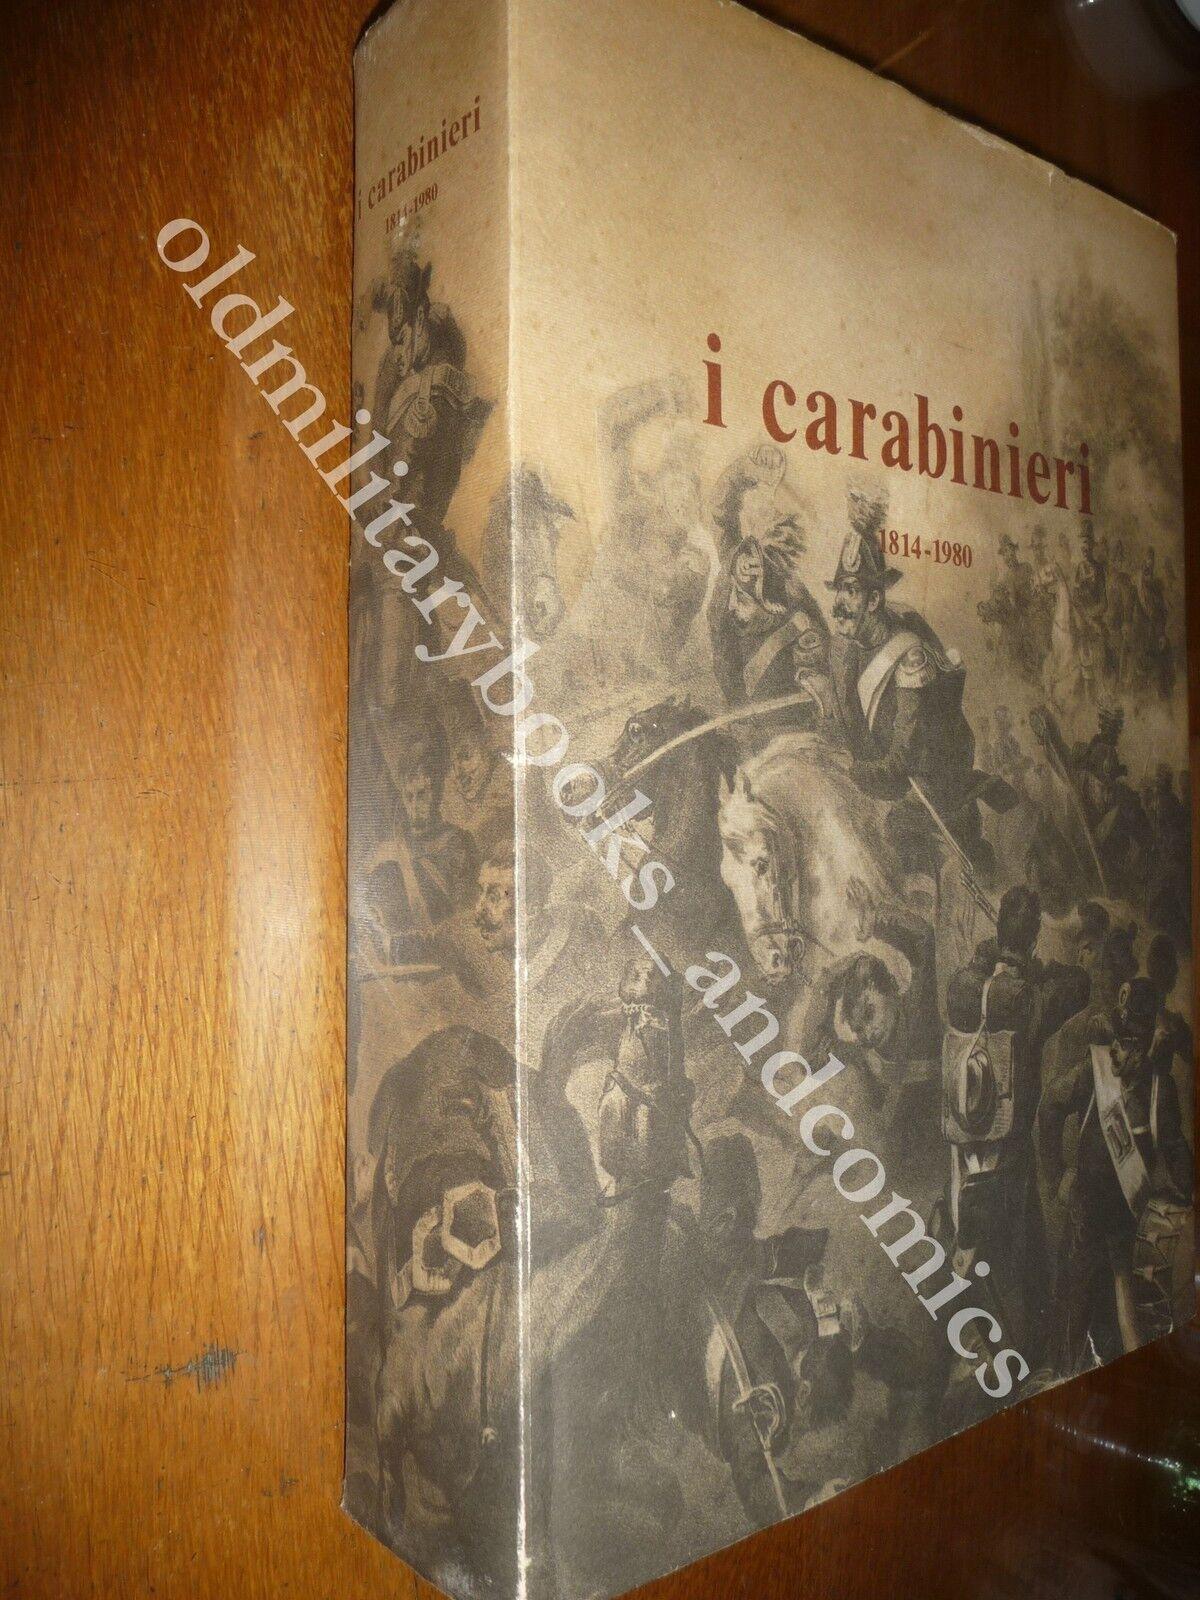 I CARABINIERI 1814-1980 PAOLO DI PAOLO MONUMENTALE OPERA SULL'ARMA DALLE ORIGINI